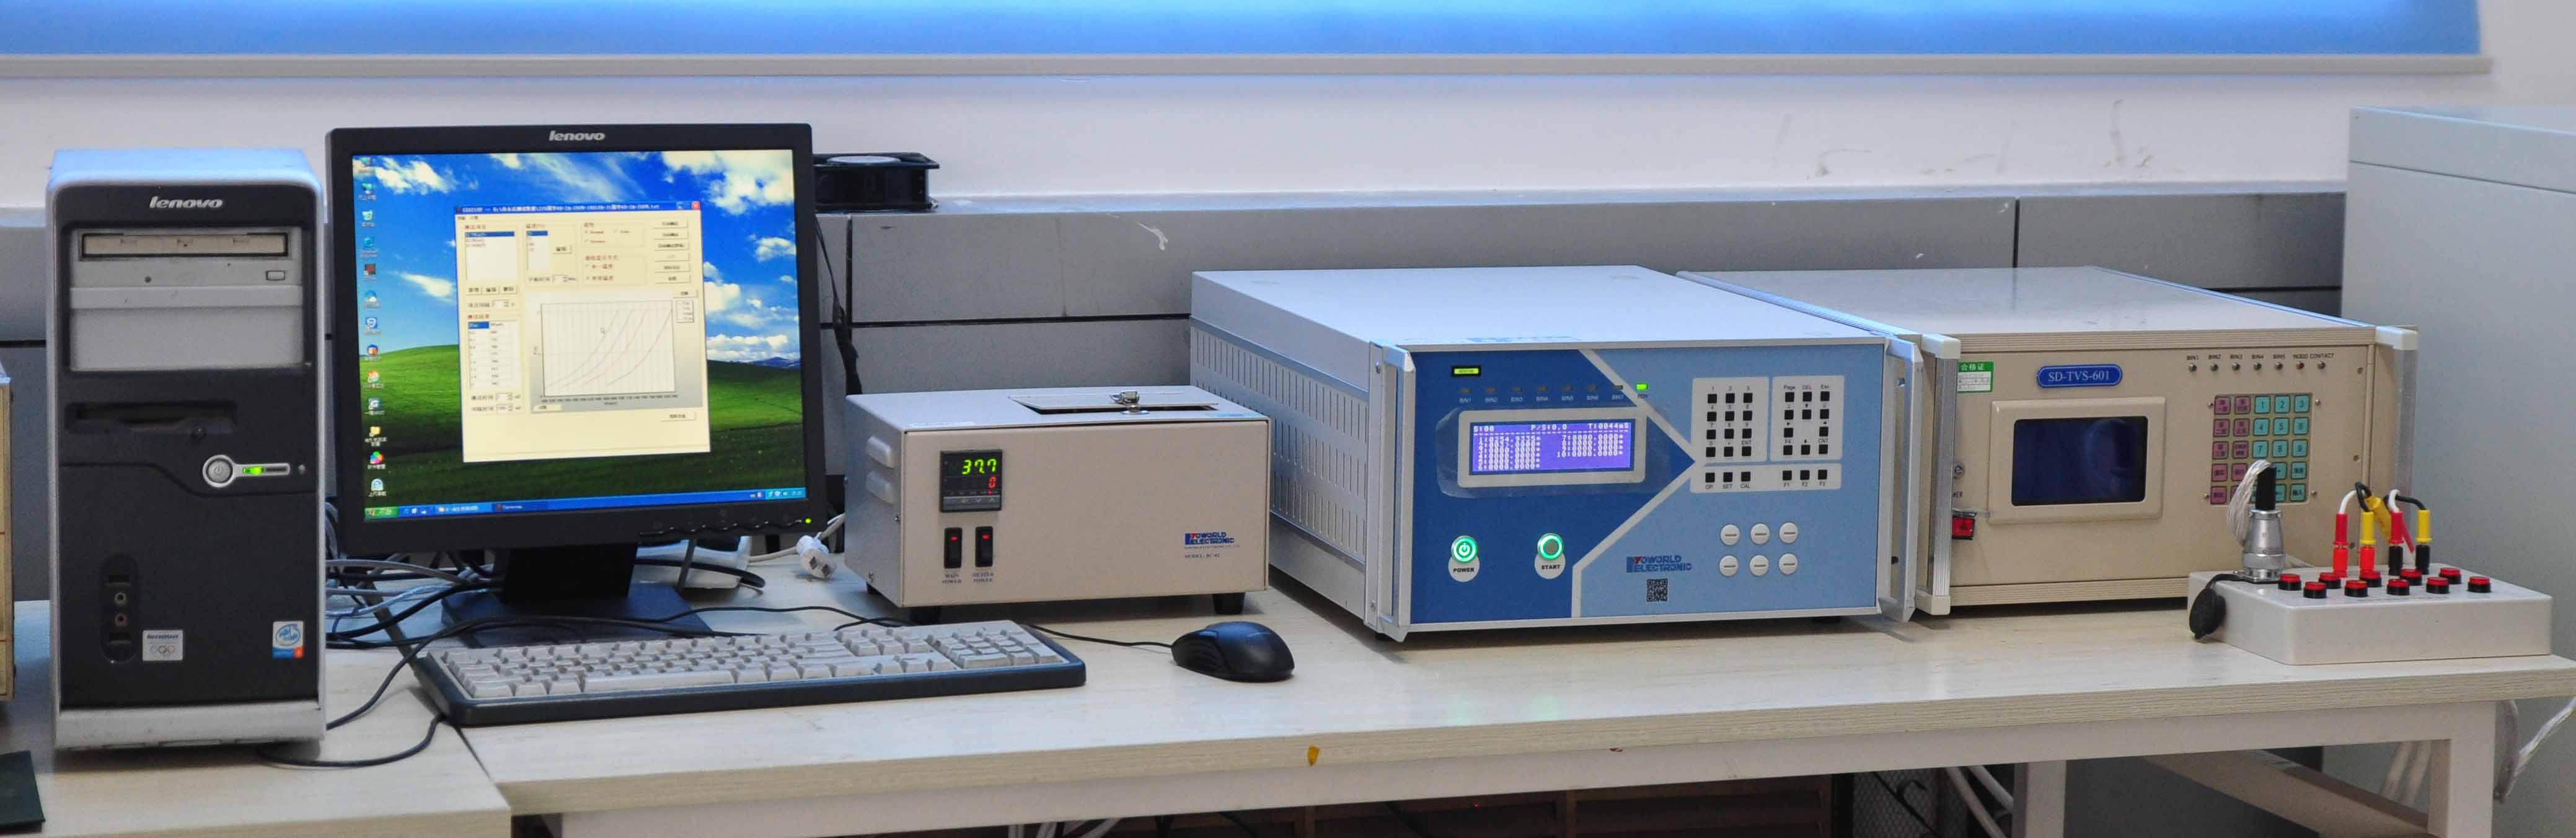 晶恒集团技术课堂——第一课(续1):肖特基二极管高温可平衡性能和热设计